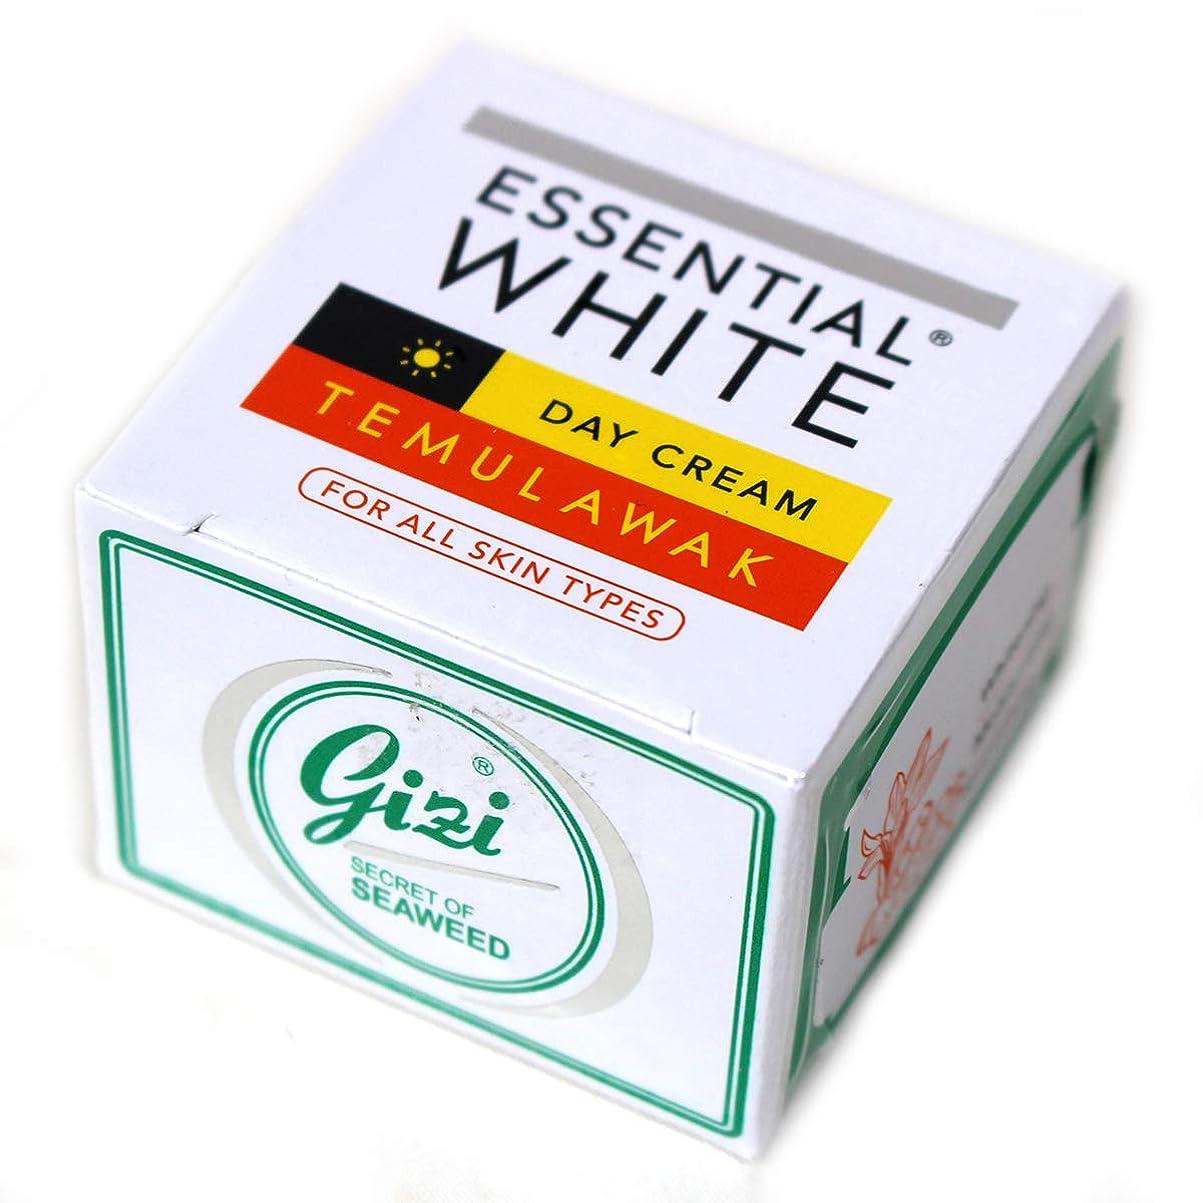 本能侵入透けるギジ gizi Essential White 日中用スキンケアクリーム ボトルタイプ 9g テムラワク ウコン など天然成分配合 [海外直送品]